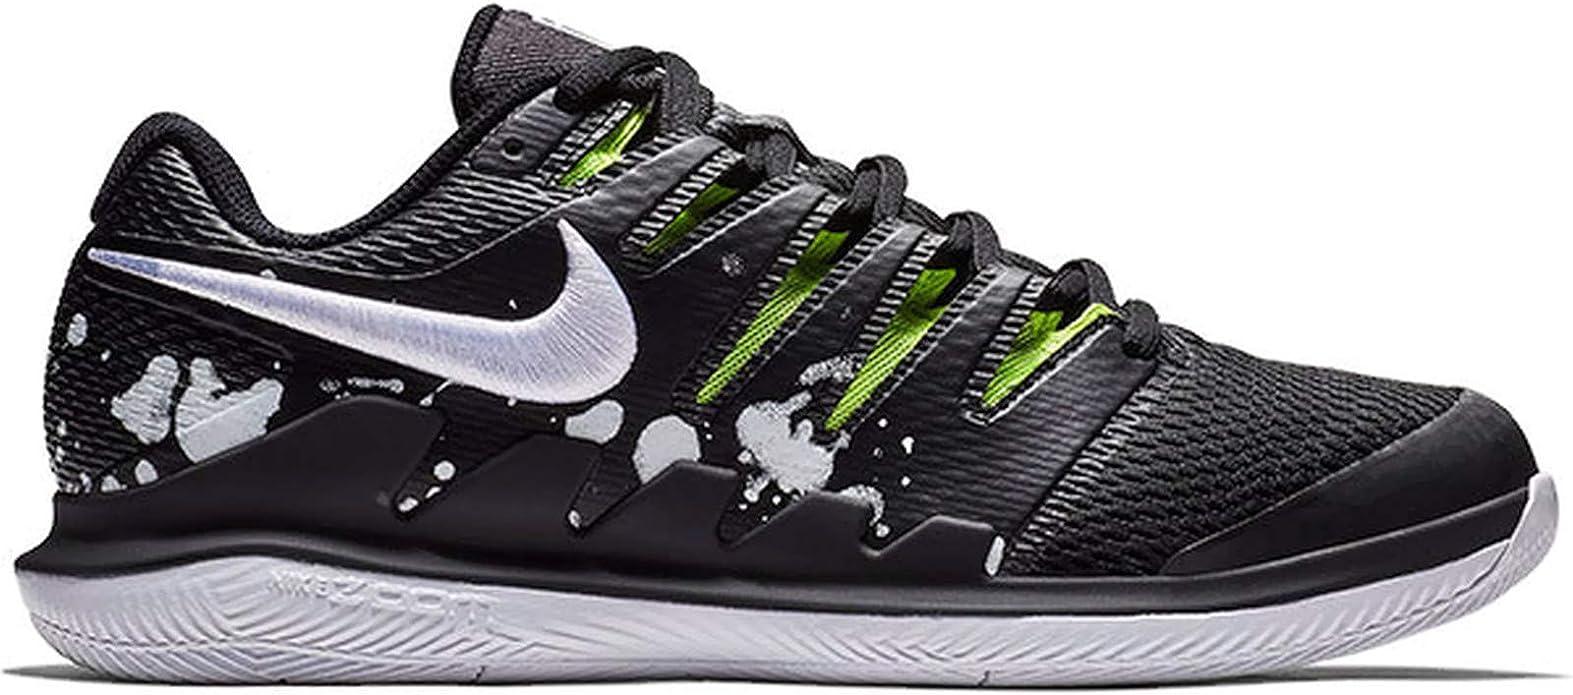 Nike Air Zoom Vapor X Hc PRM Mens